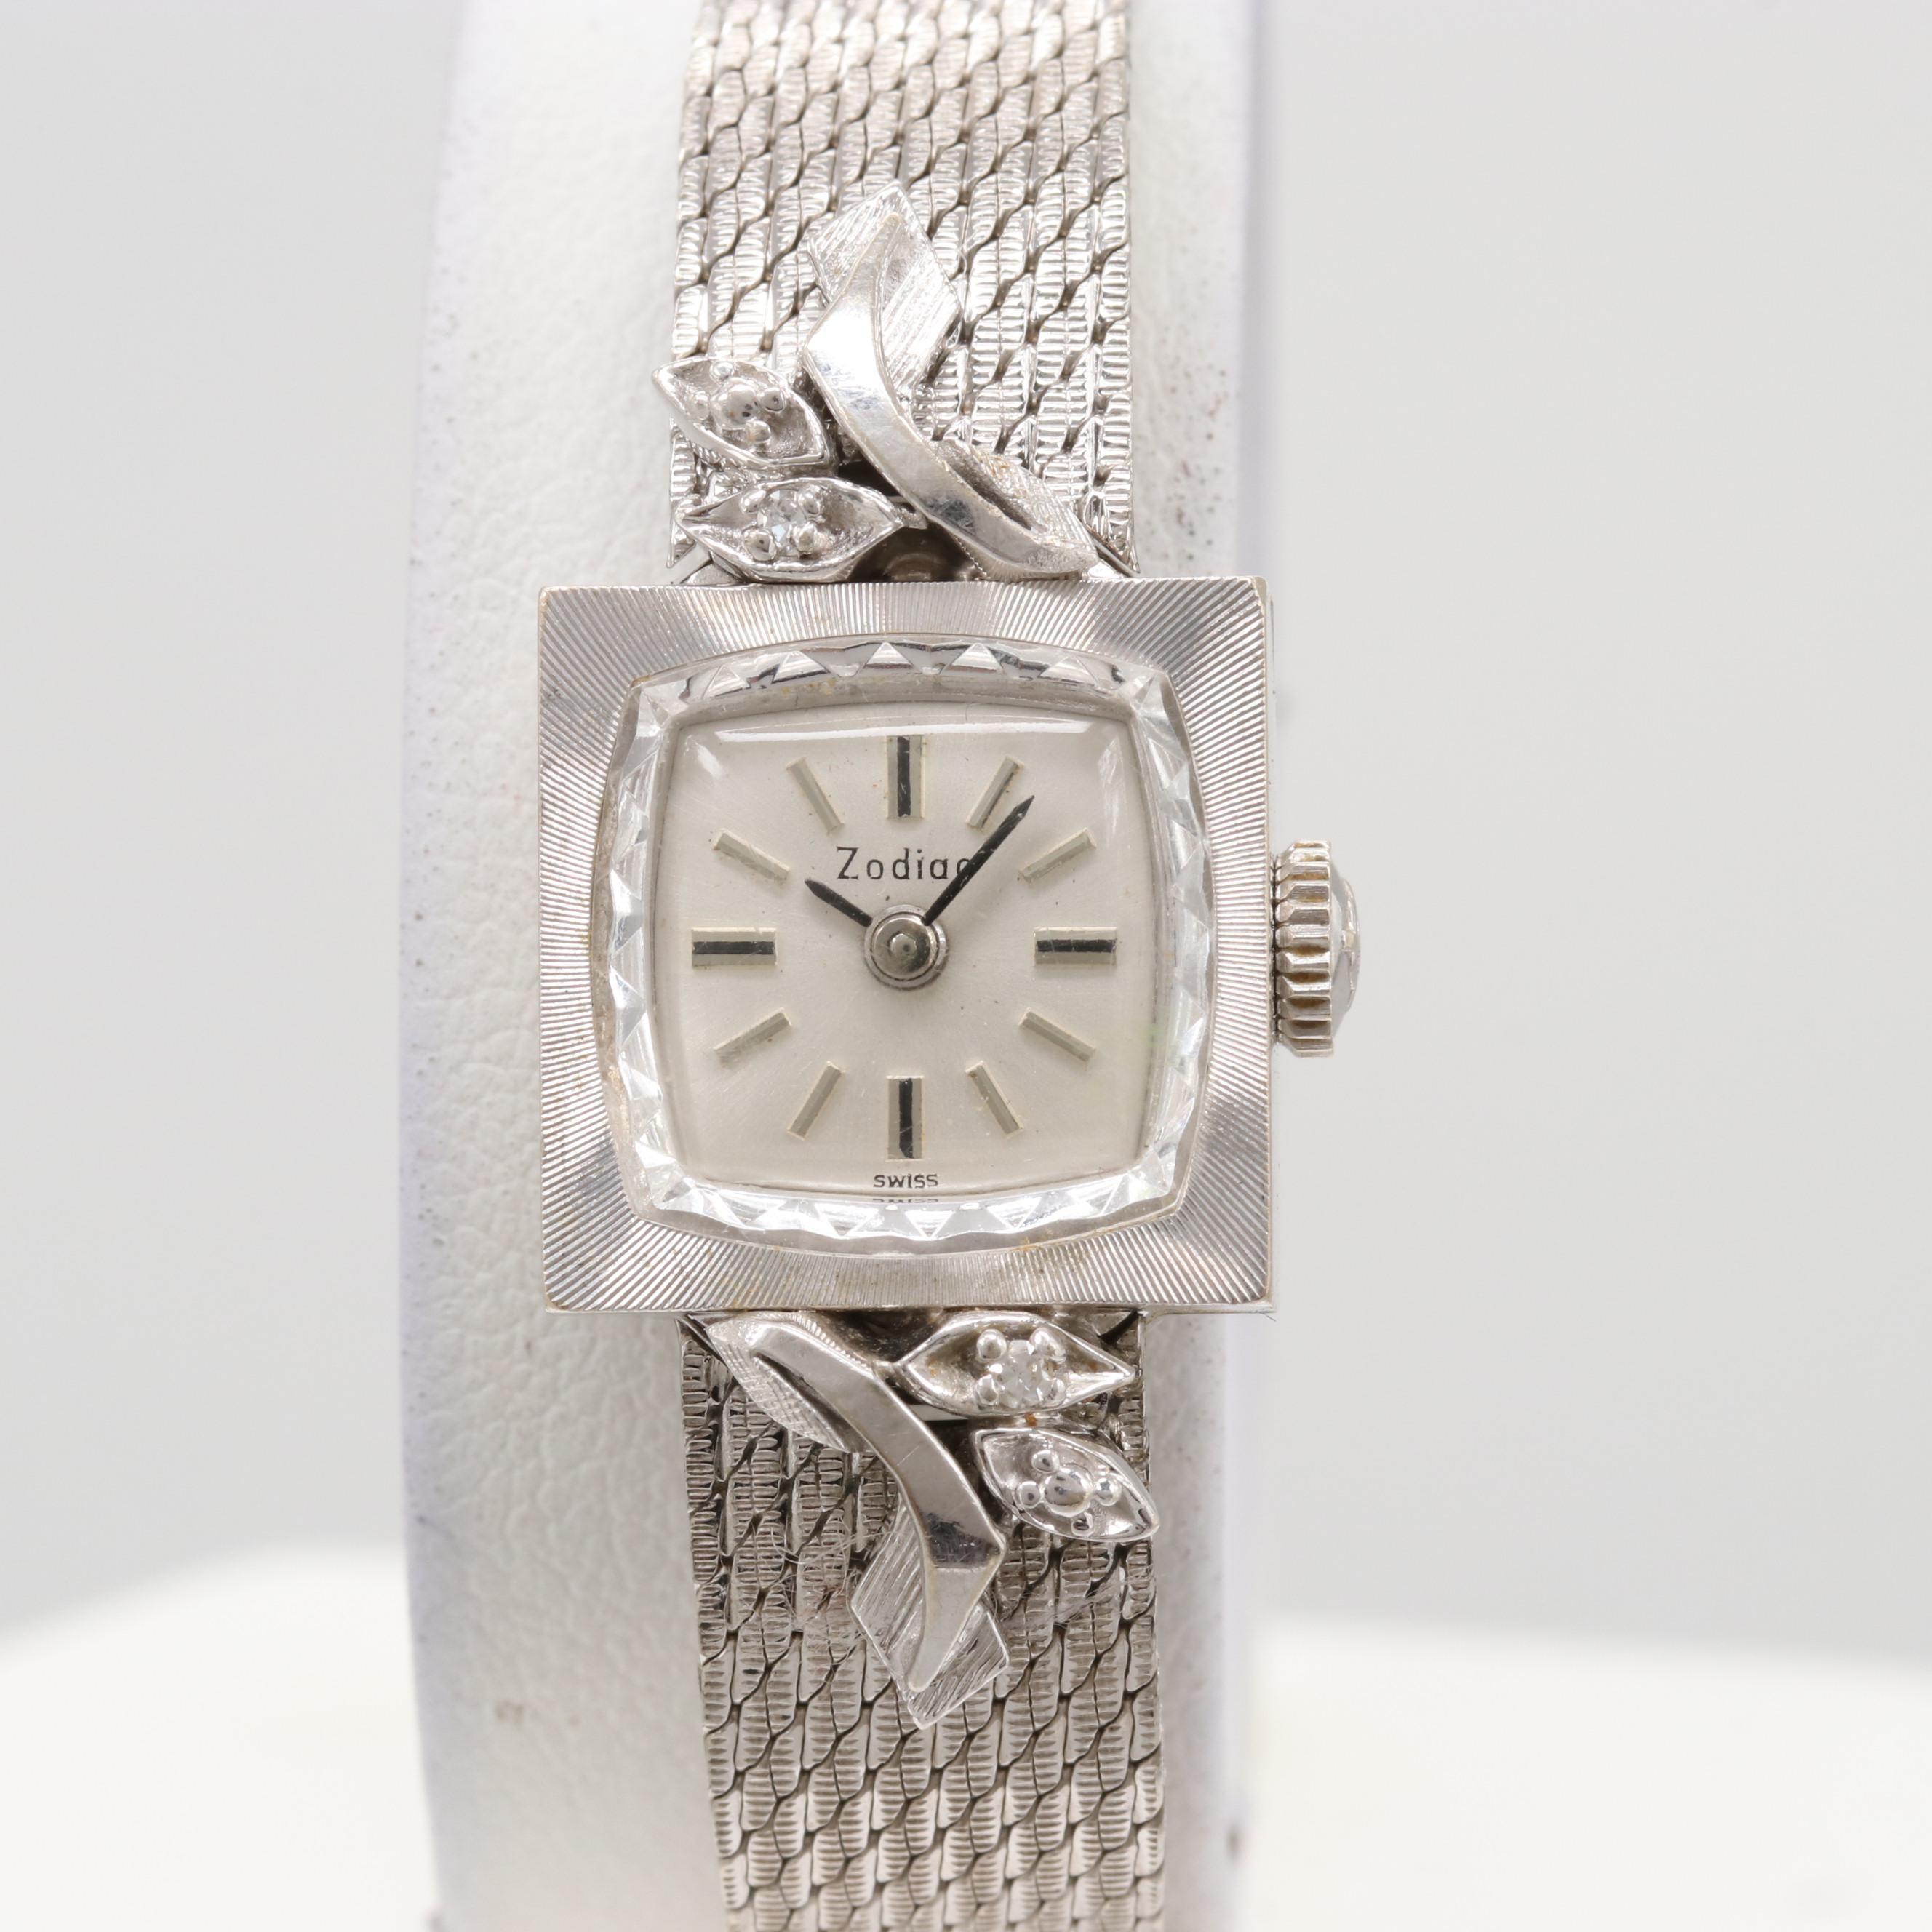 Vintage Zodiac 14K White Gold Diamond Stem Wind Wristwatch